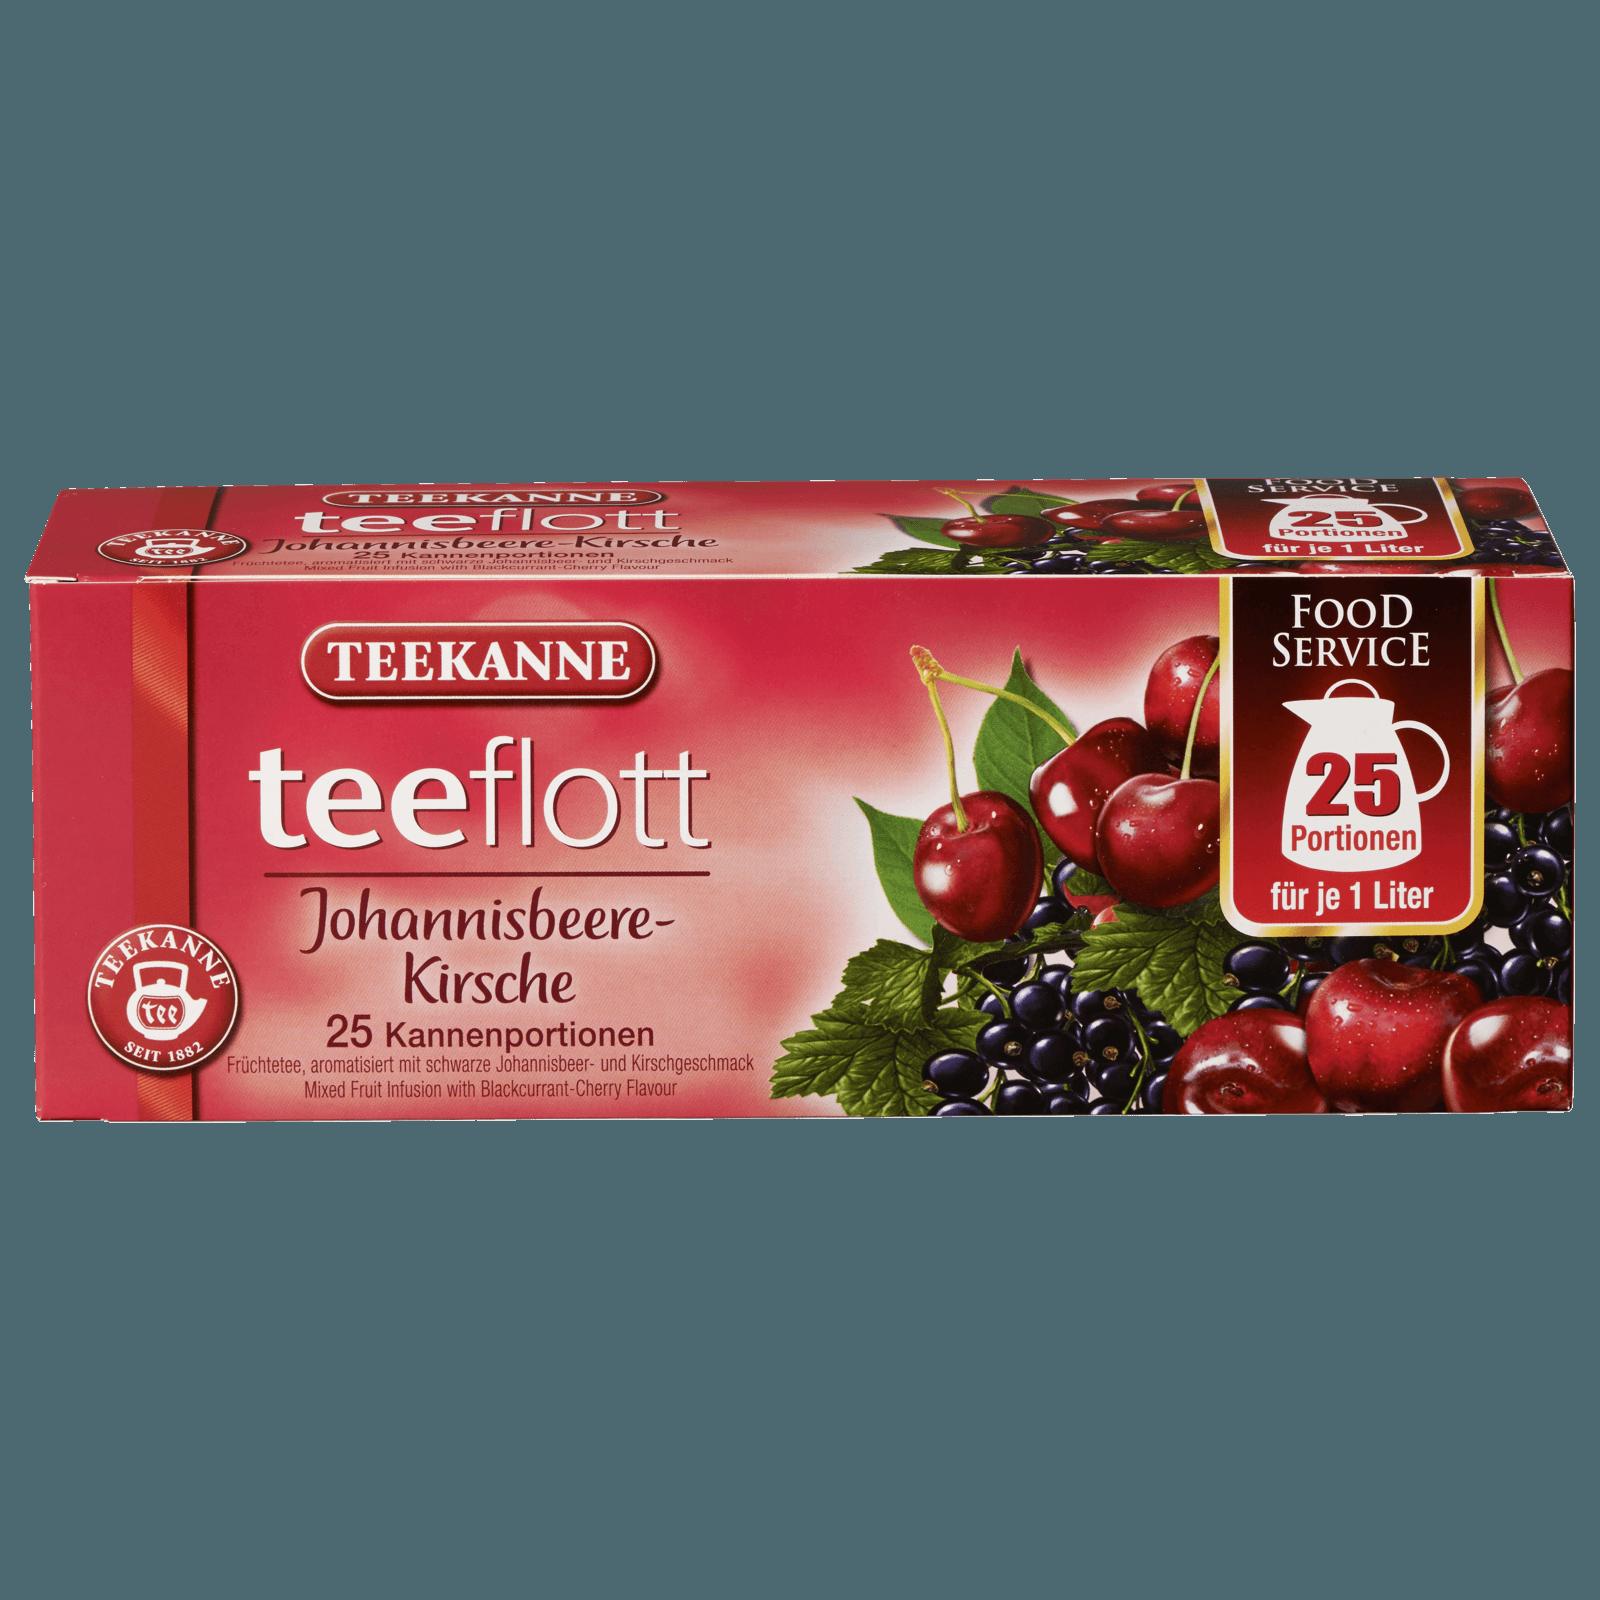 Teekanne Teeflott Johannisbeere-Kirsche 125g, 25 Stück